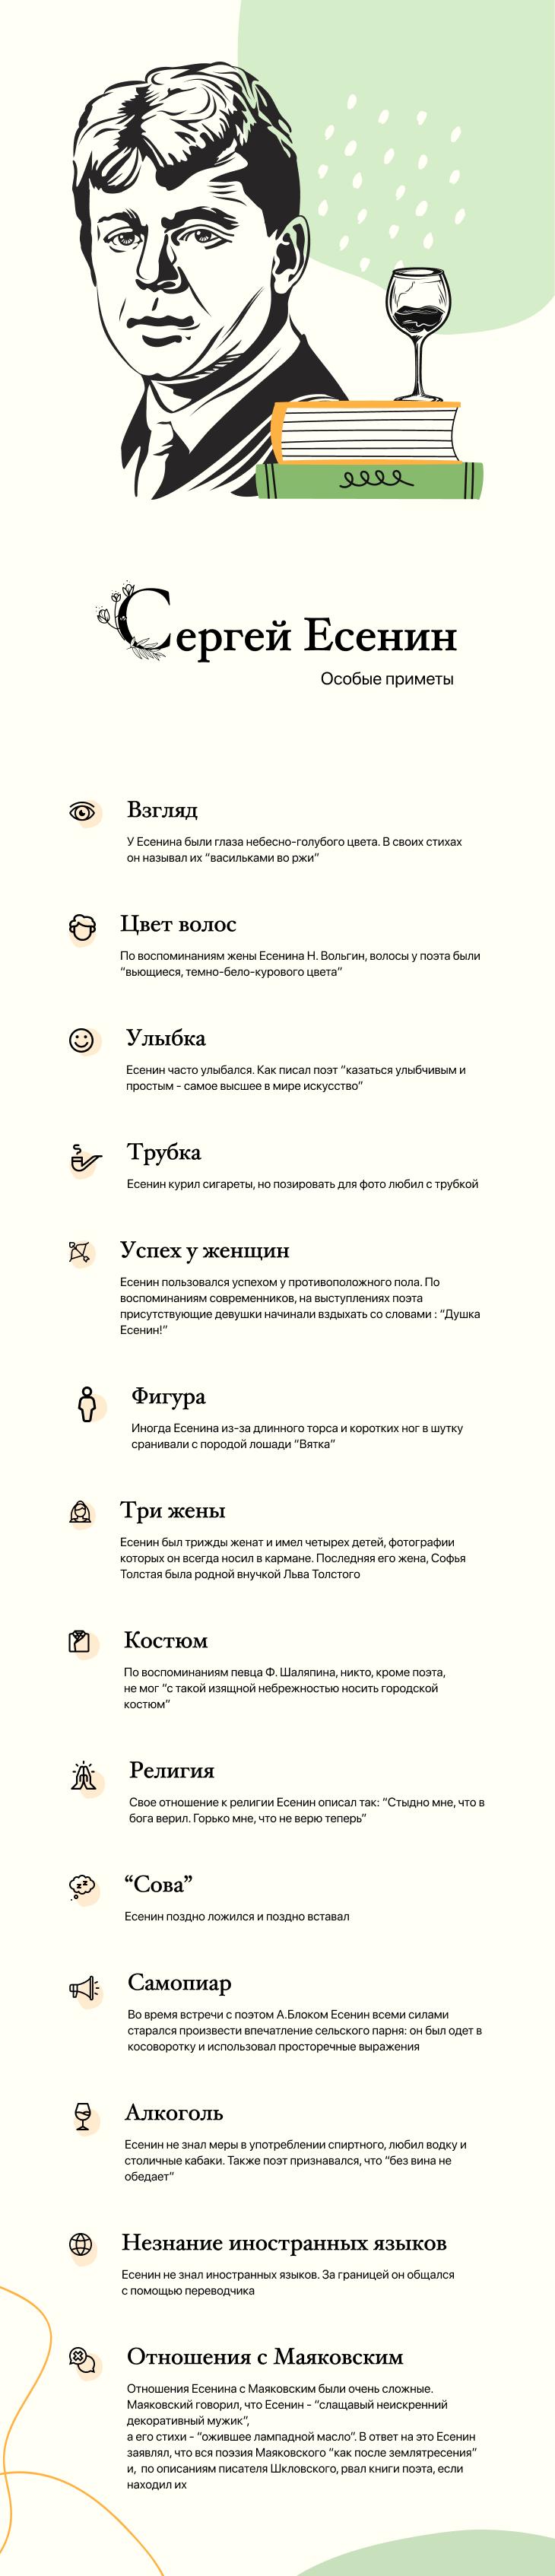 Инфографика - поэт Сергей Александрович Есенин.